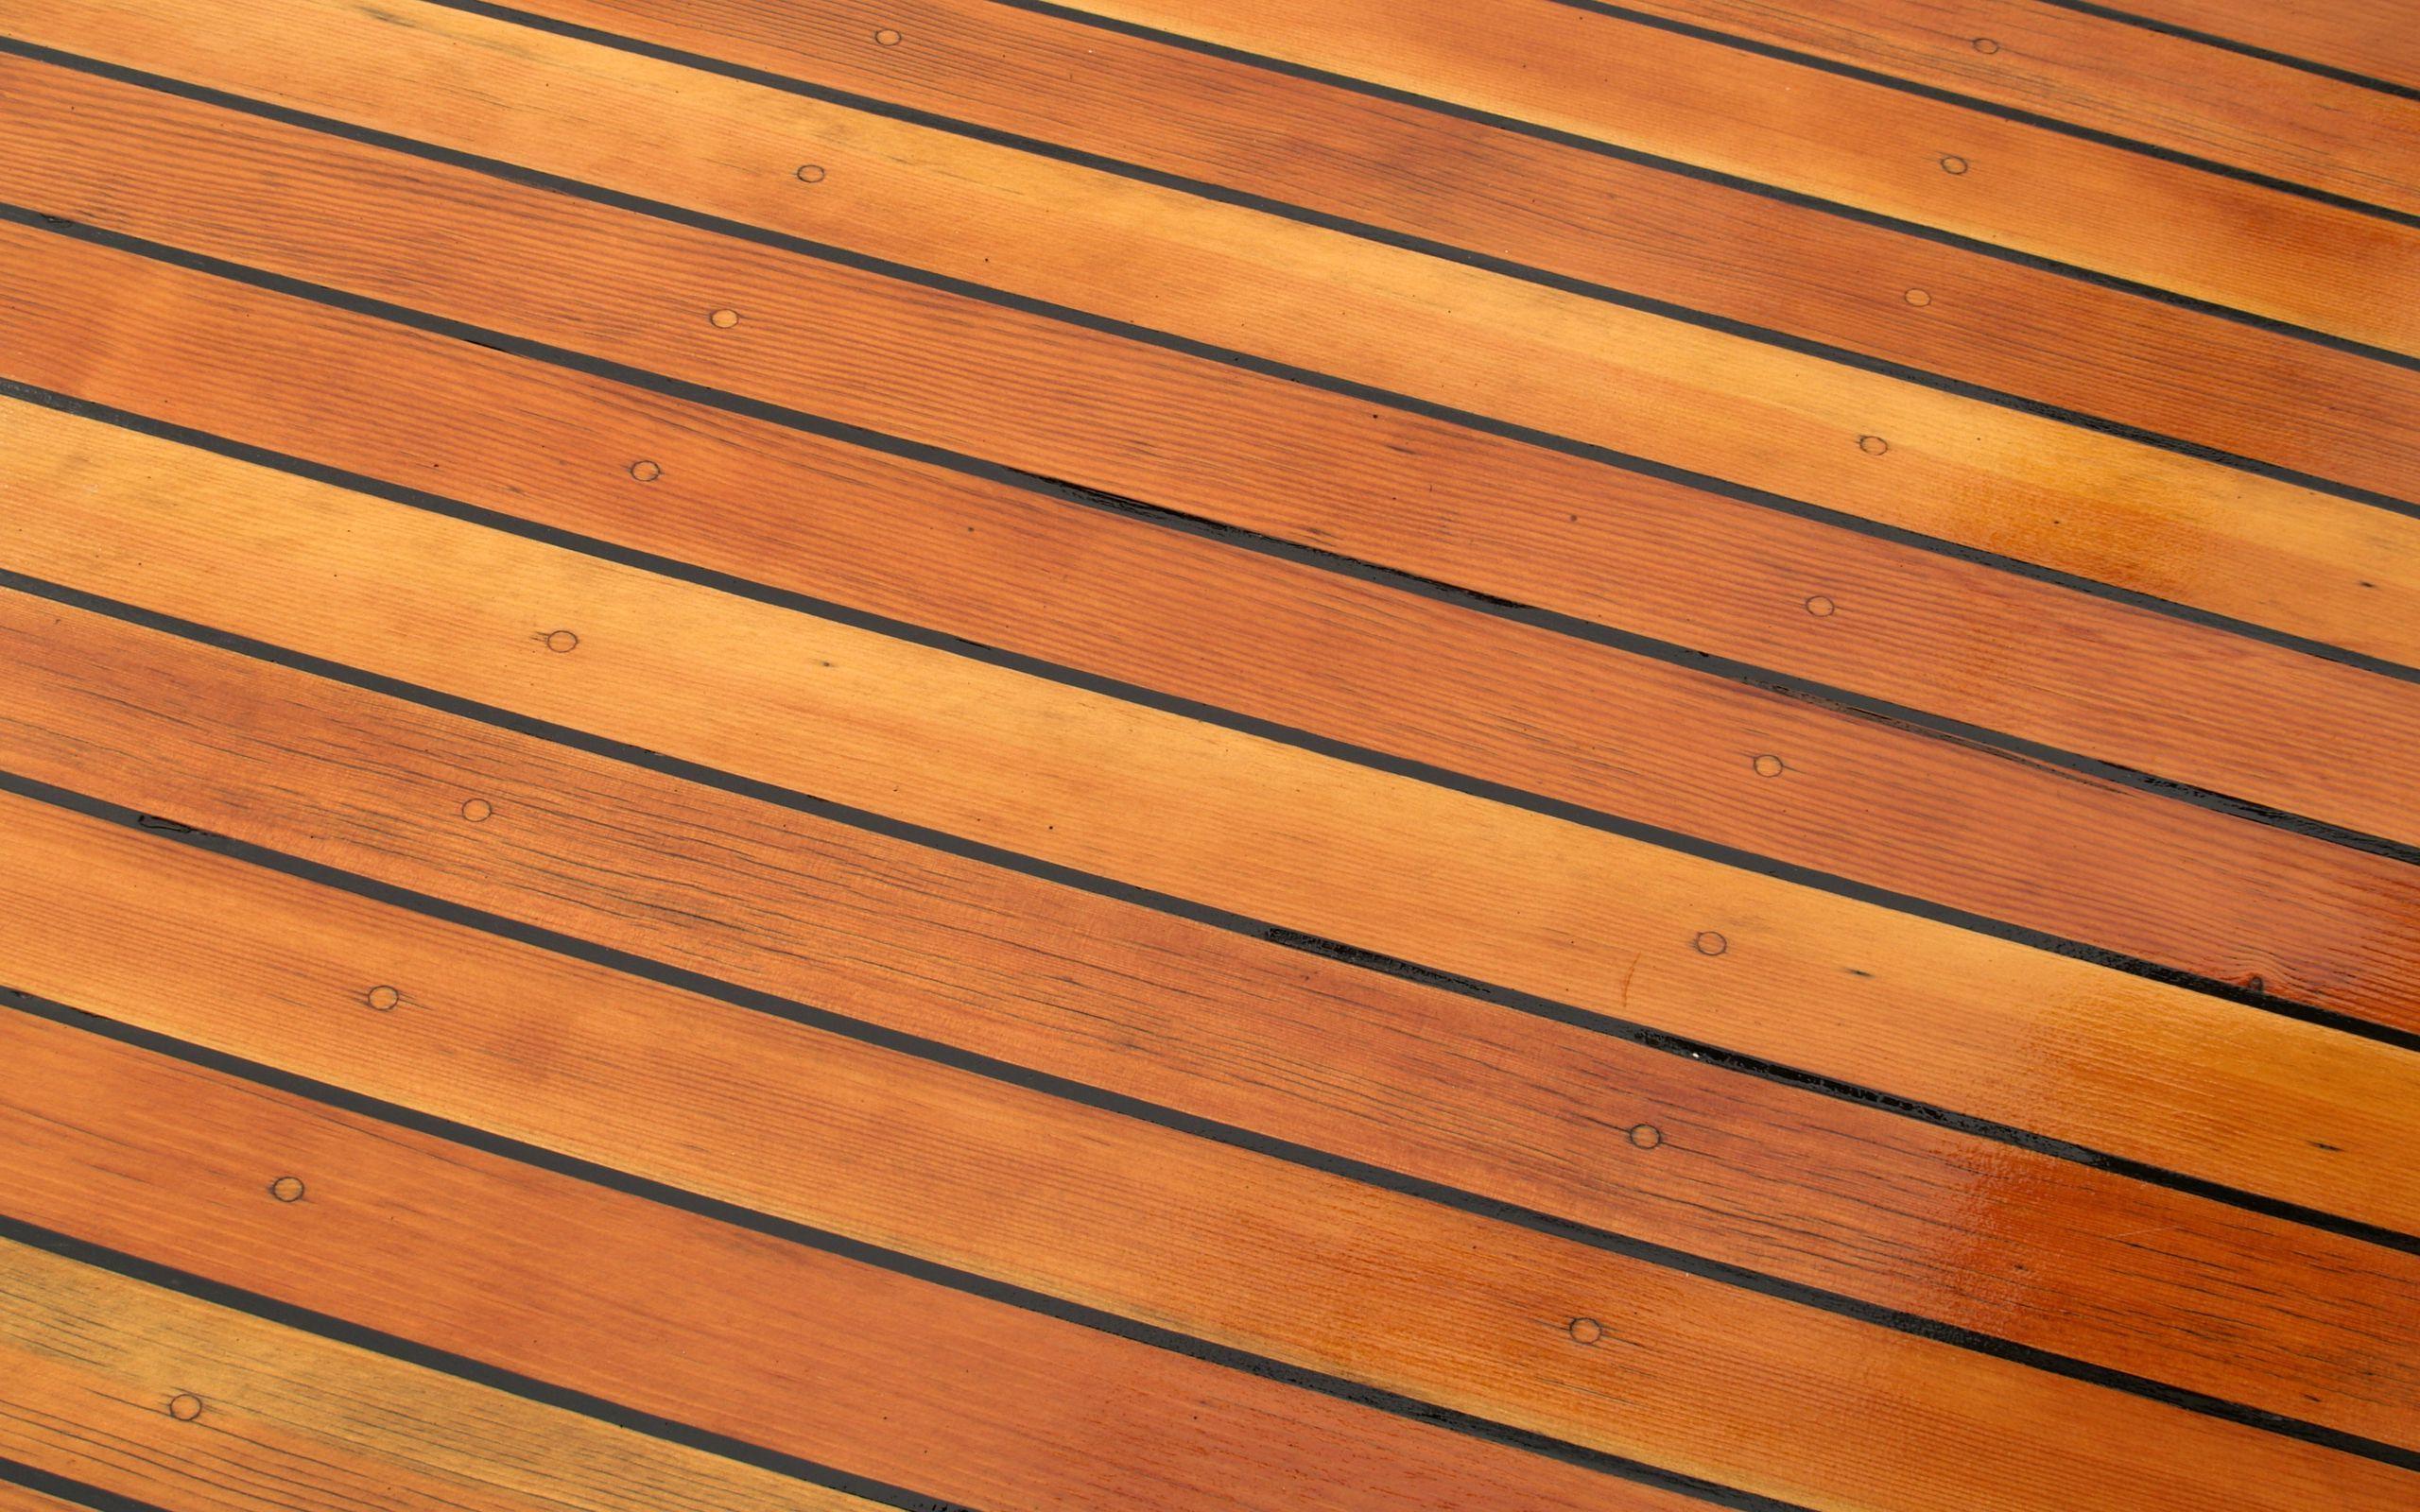 Wood Floor Wallpaper Wallpapersafari